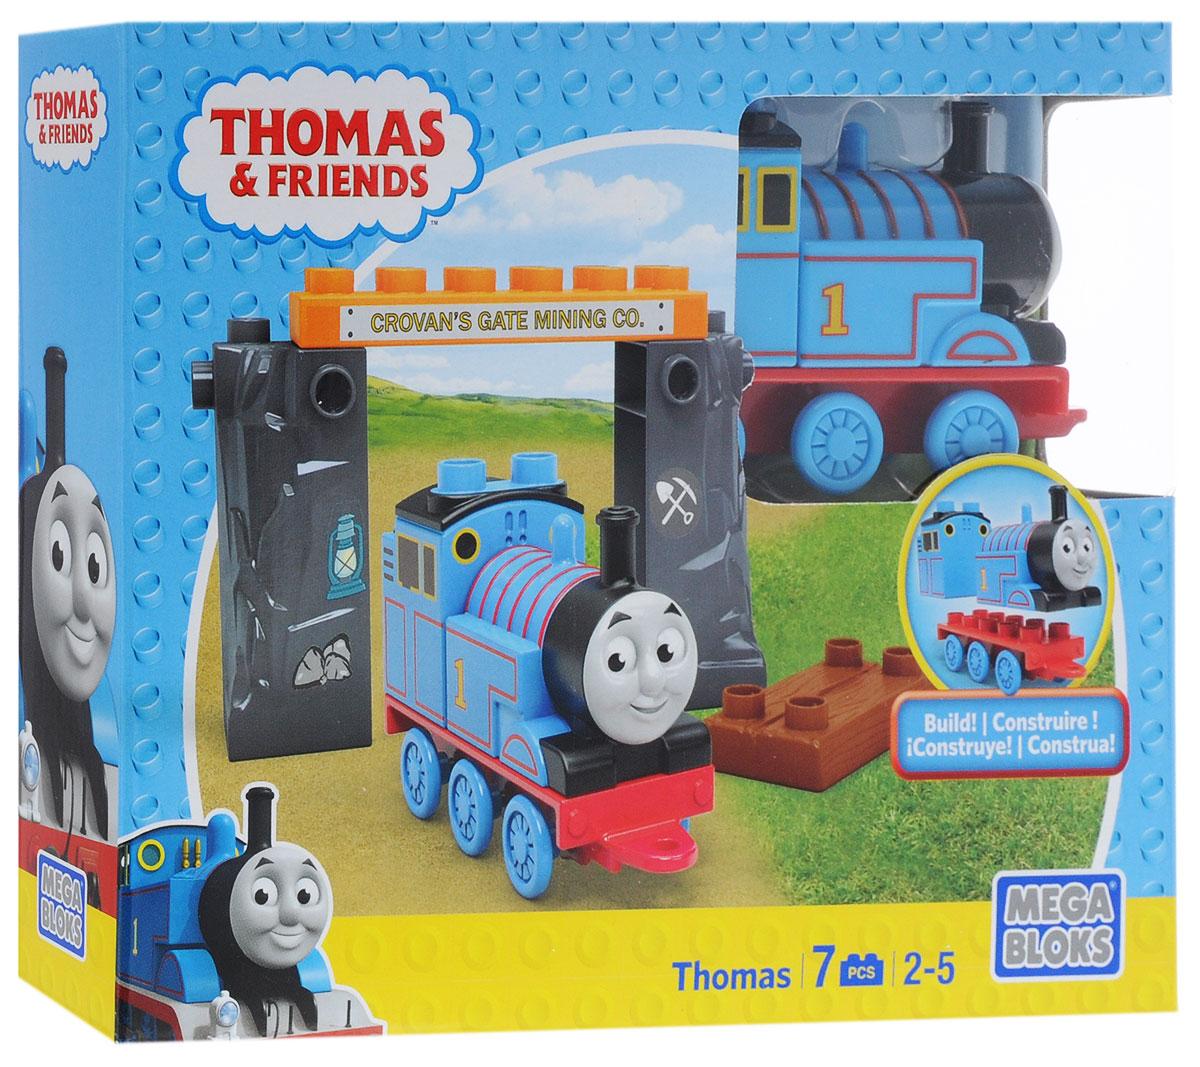 Mega Bloks Thomas & Friends Конструктор Паровозик Томас и шахтаCNJ04_DLC14Конструктор Mega Bloks Паровозик Томас - удивительный подарок для вашего ребенка! Конструкторы Mega Bloks - это новые горизонты творчества. Каждый из наборов - это завершенная конструкция, имеющая некий сюжет. Этот конструктор входит в серию наборов Thomas & Friends, созданных по одноименному мультфильму. Томас и его верная команда помогают жителям городка: привозят почту, чинят железнодорожные пути и возят пассажиров к пунктам назначения. Ваш маленький машинист с удовольствием отправится в шахты вместе с Томасом. Все элементы конструктора совместимы с другими сборными паровозами из этой серии. Воссоздайте для своего маленького машиниста его любимые истории о приключениях паровозиков острова Содор или придумайте свою собственную.